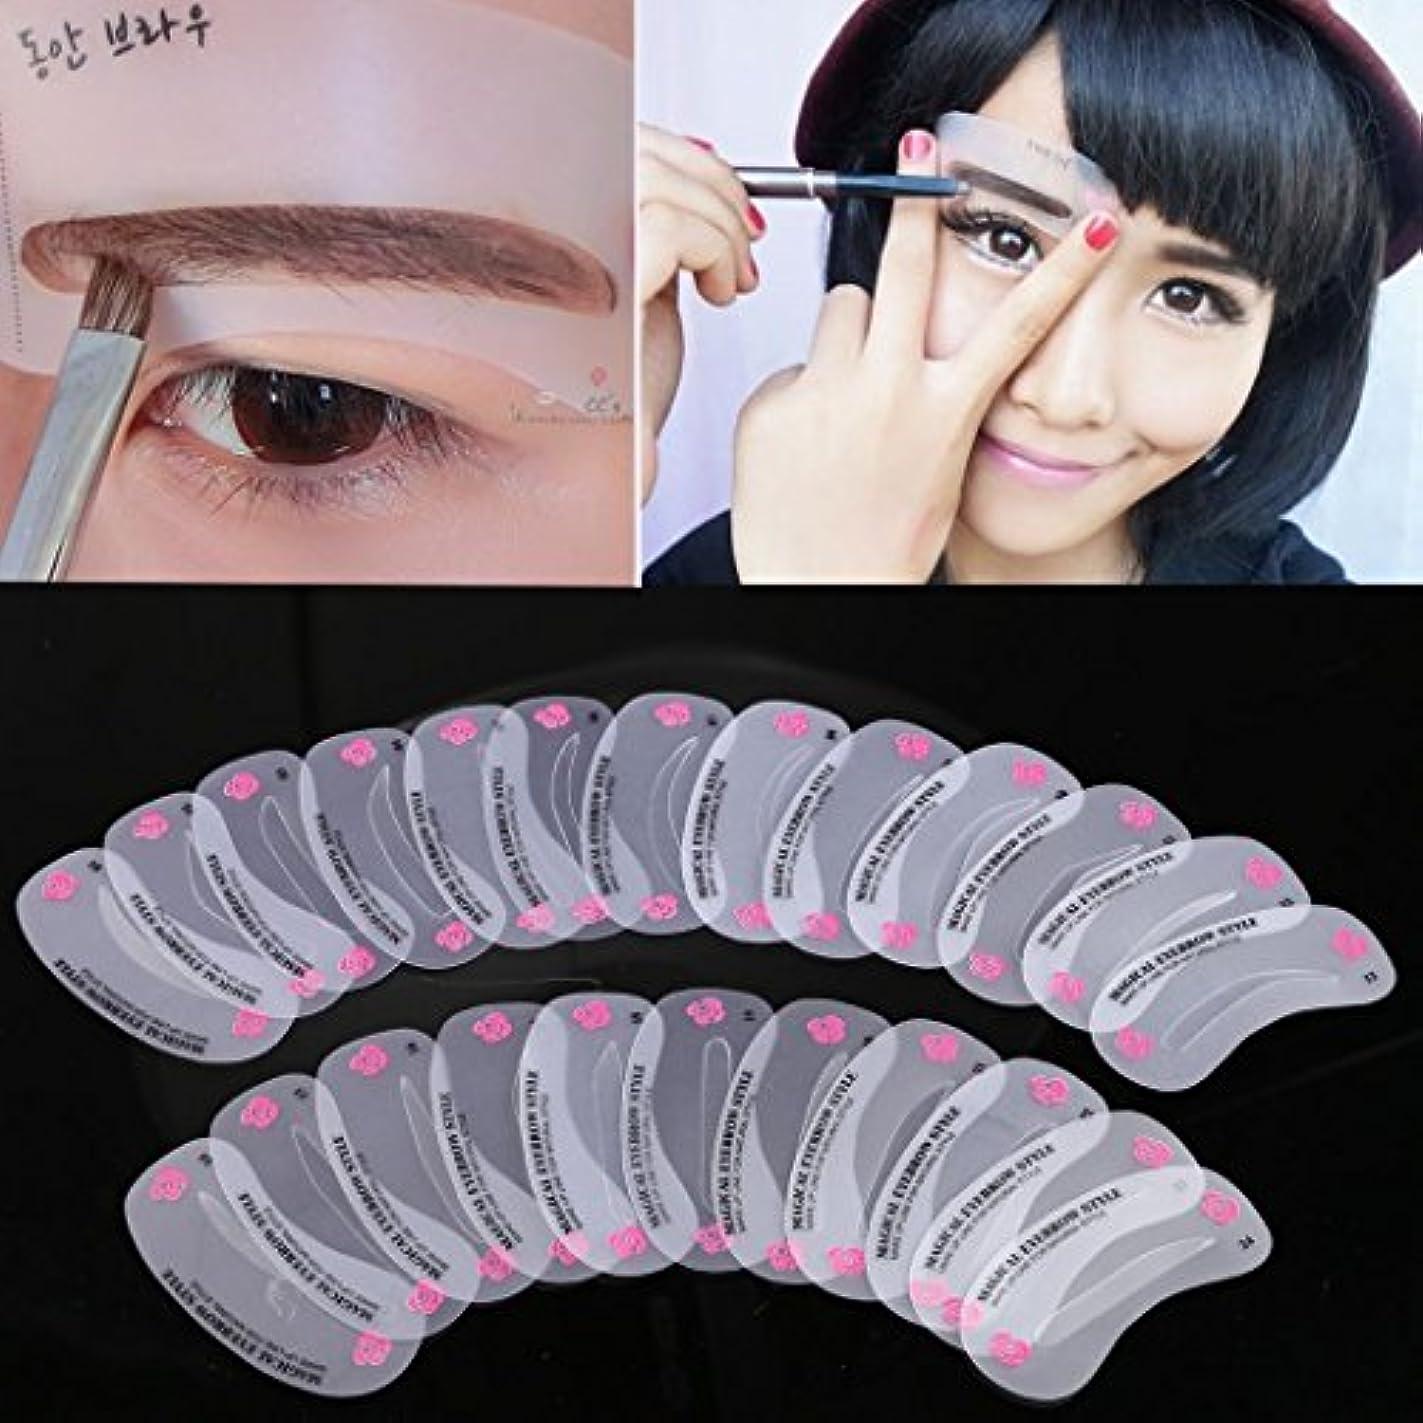 八百屋ヘッジ刈る24種類の眉毛のスタイルは、グルーミングステンシルを設定するメイクアップシェイプキット眉毛